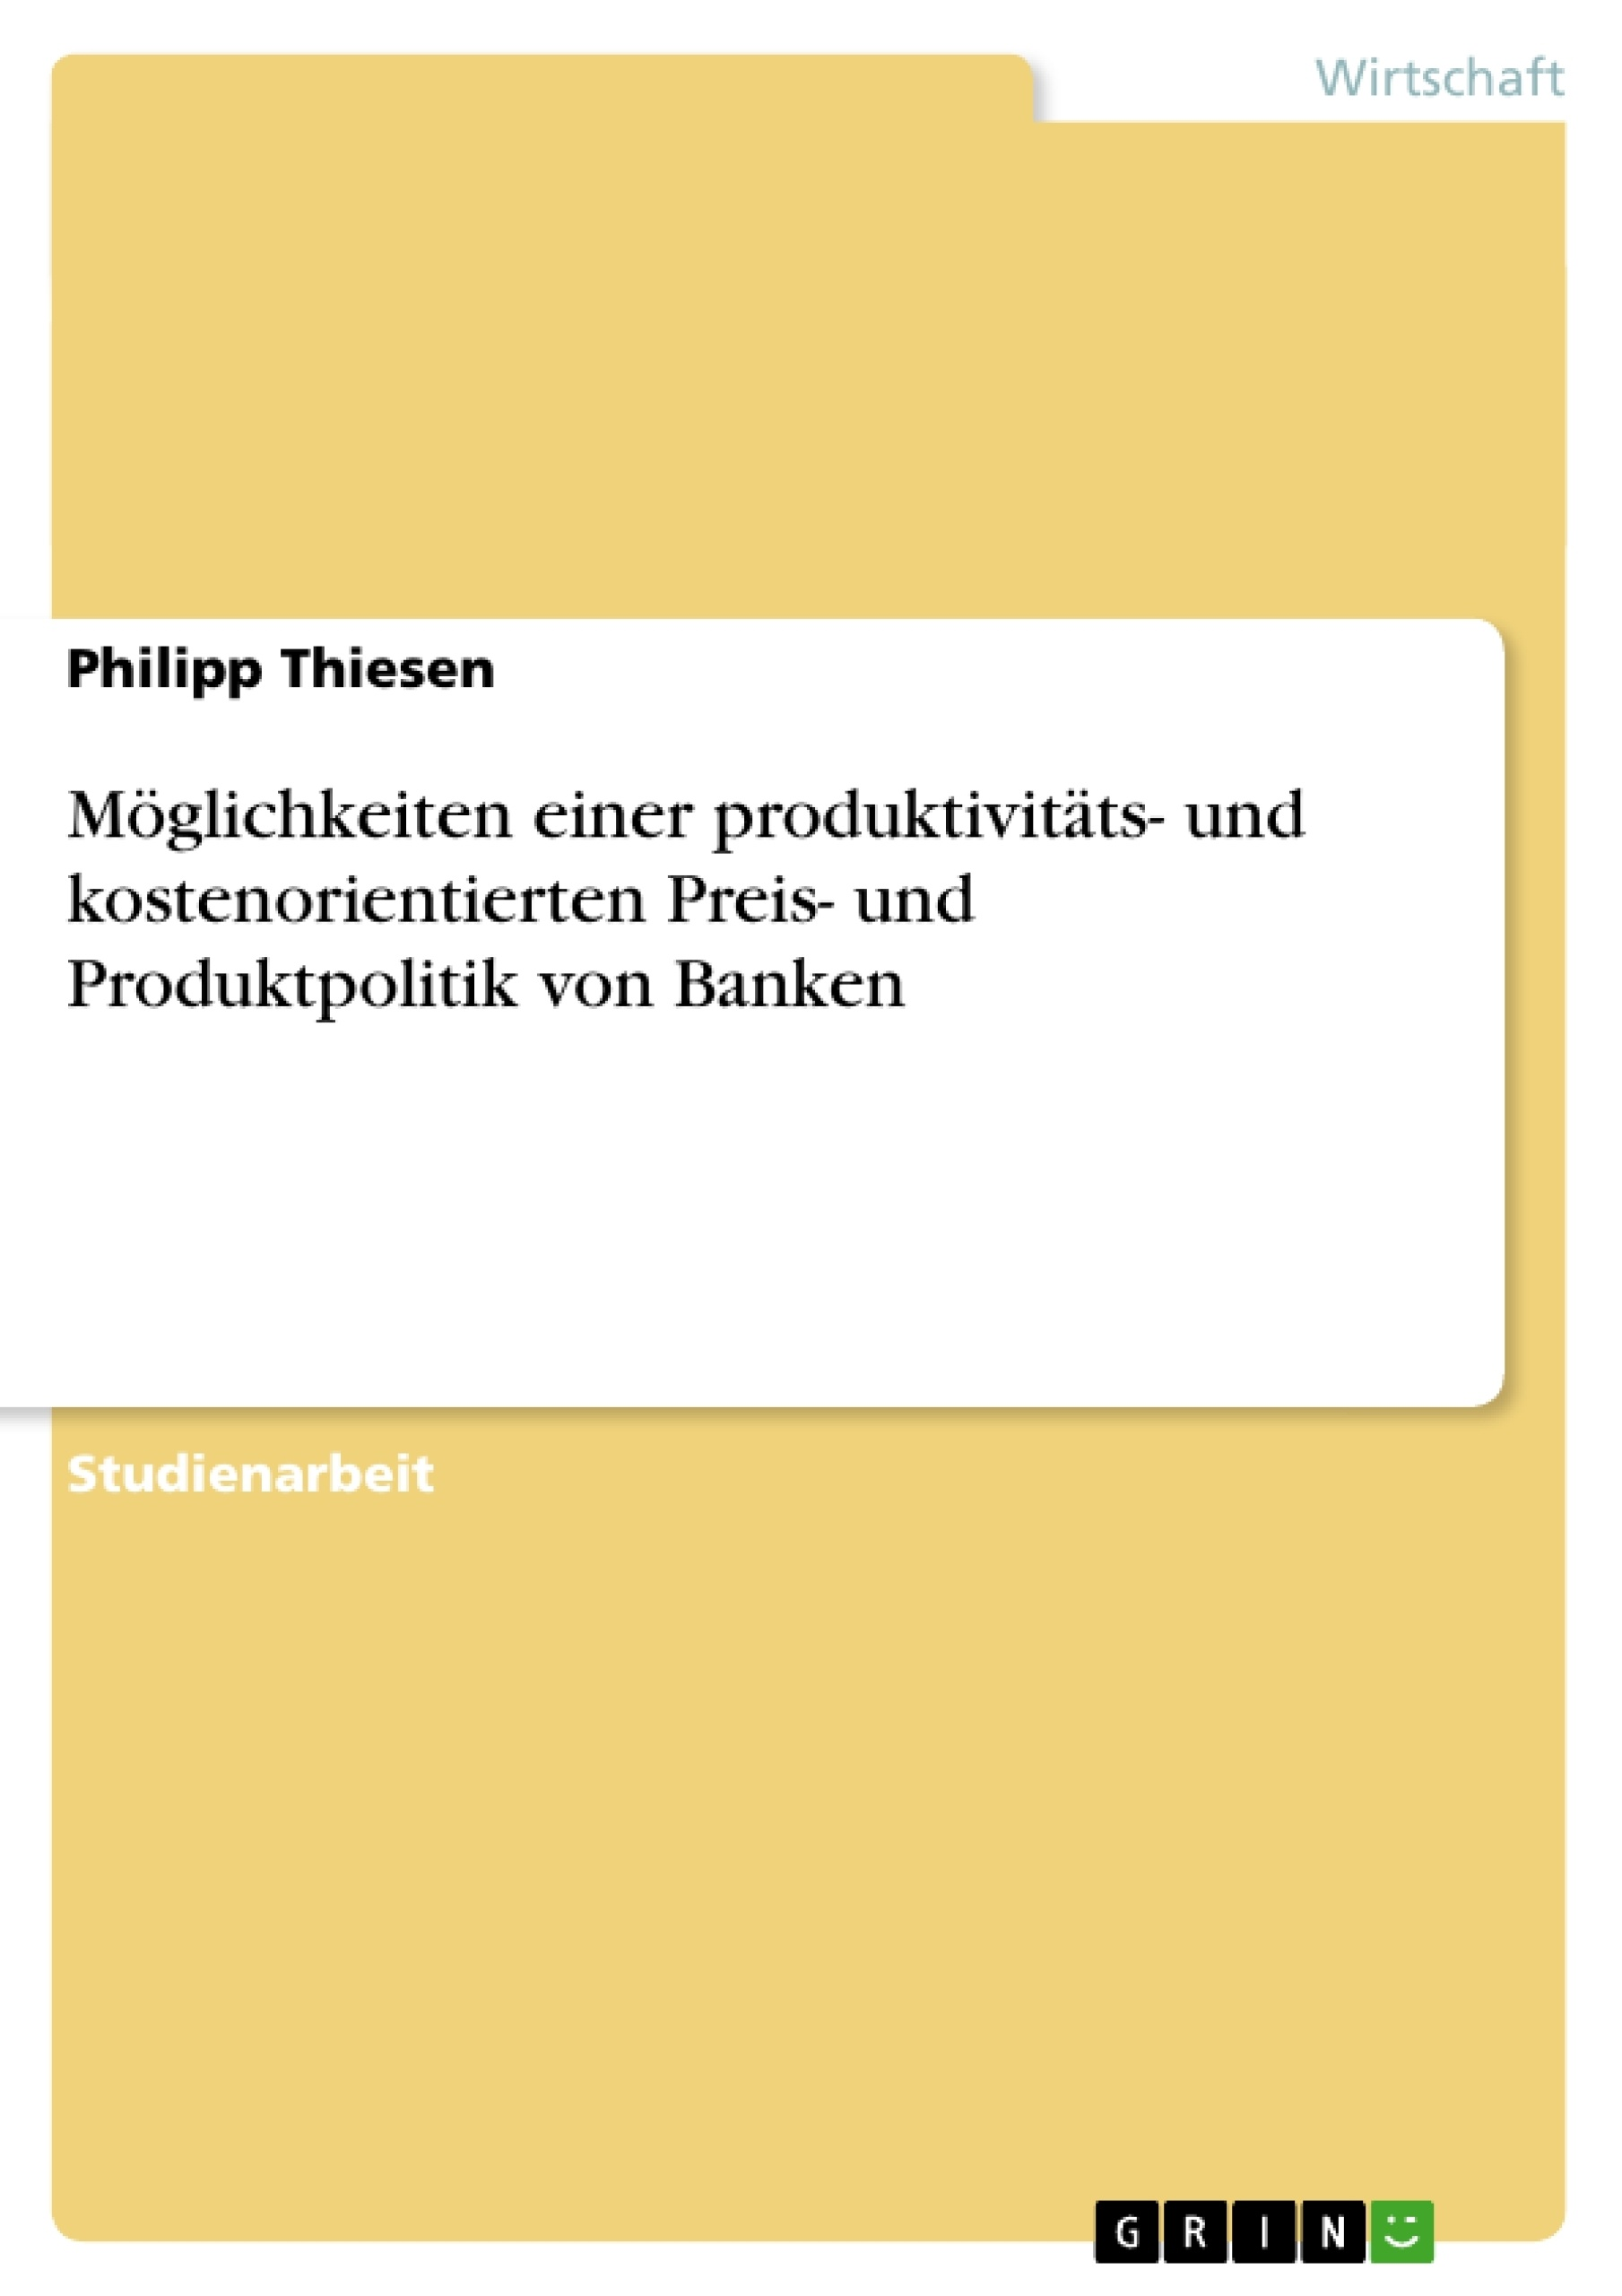 Titel: Möglichkeiten einer produktivitäts- und kostenorientierten Preis- und Produktpolitik von Banken